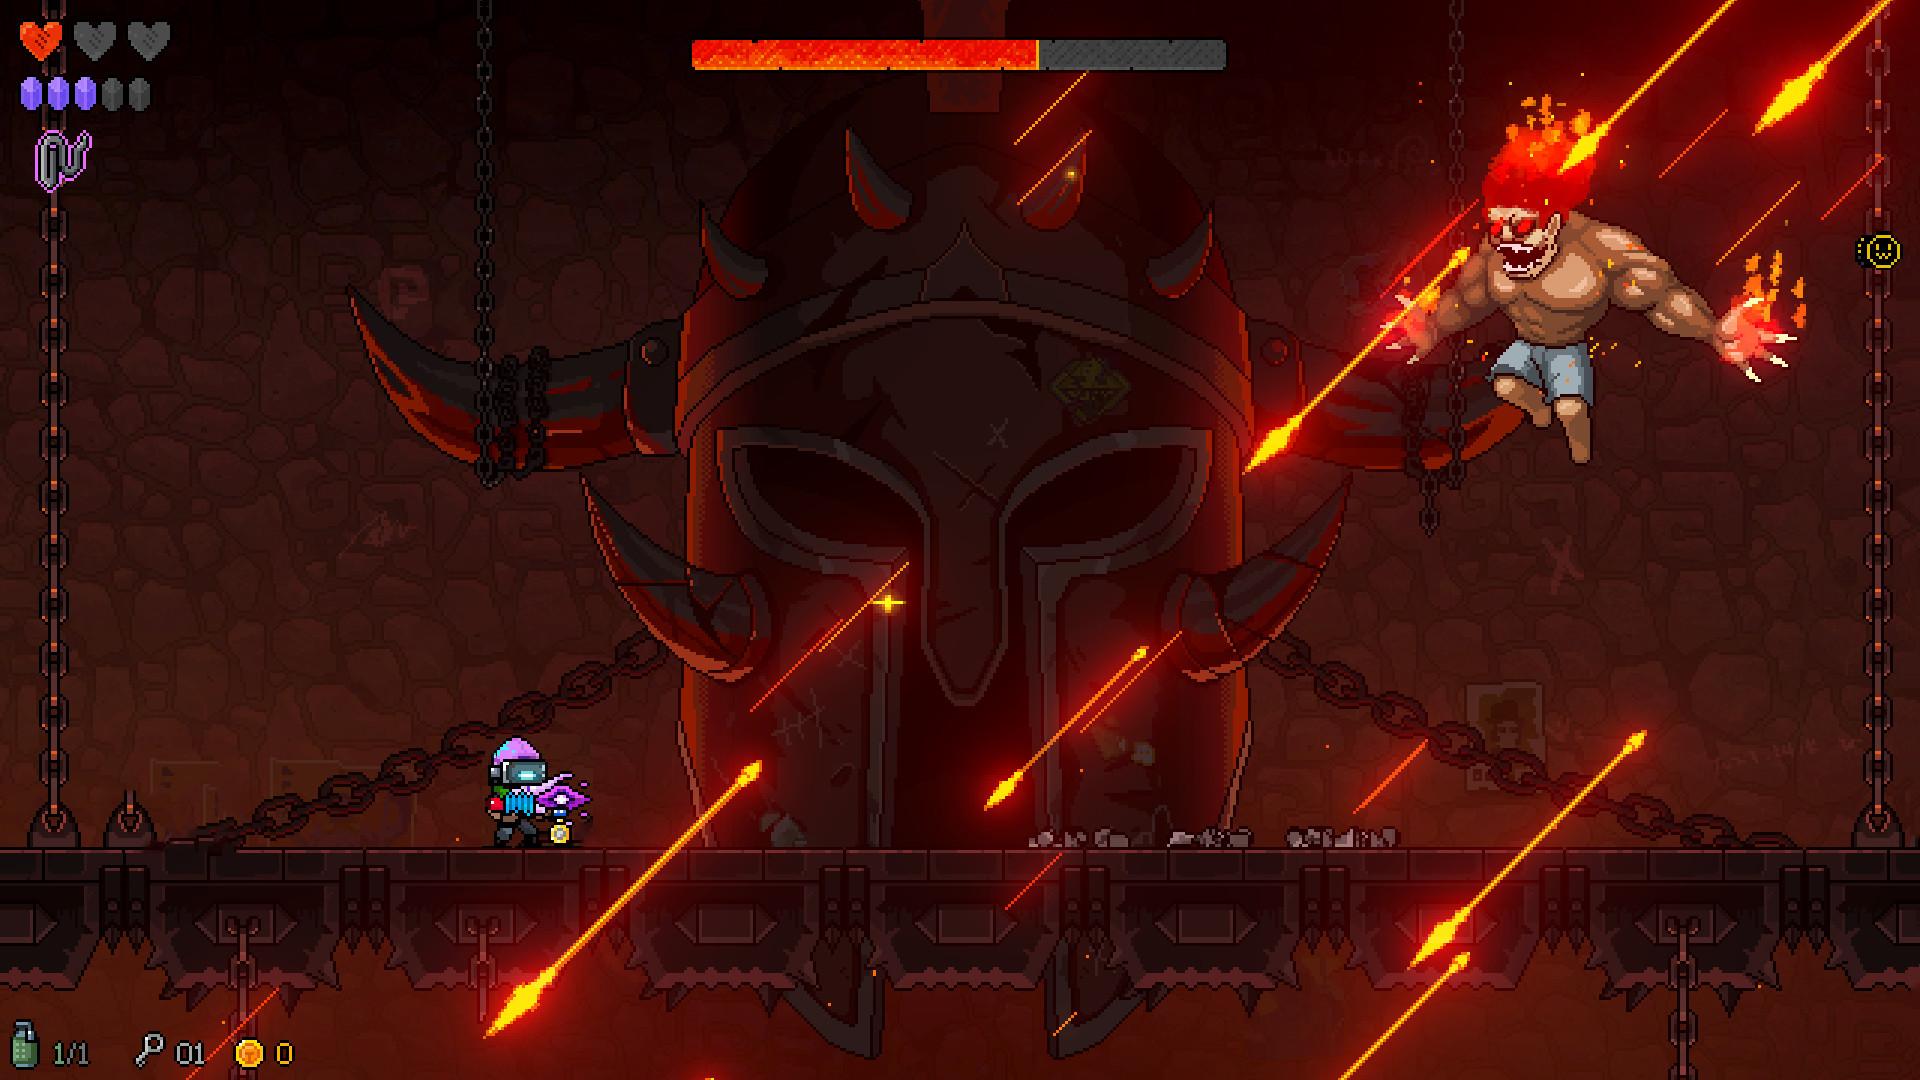 霓虹深渊 Neon Abyss 【v1.3.4.1rc4】插图4